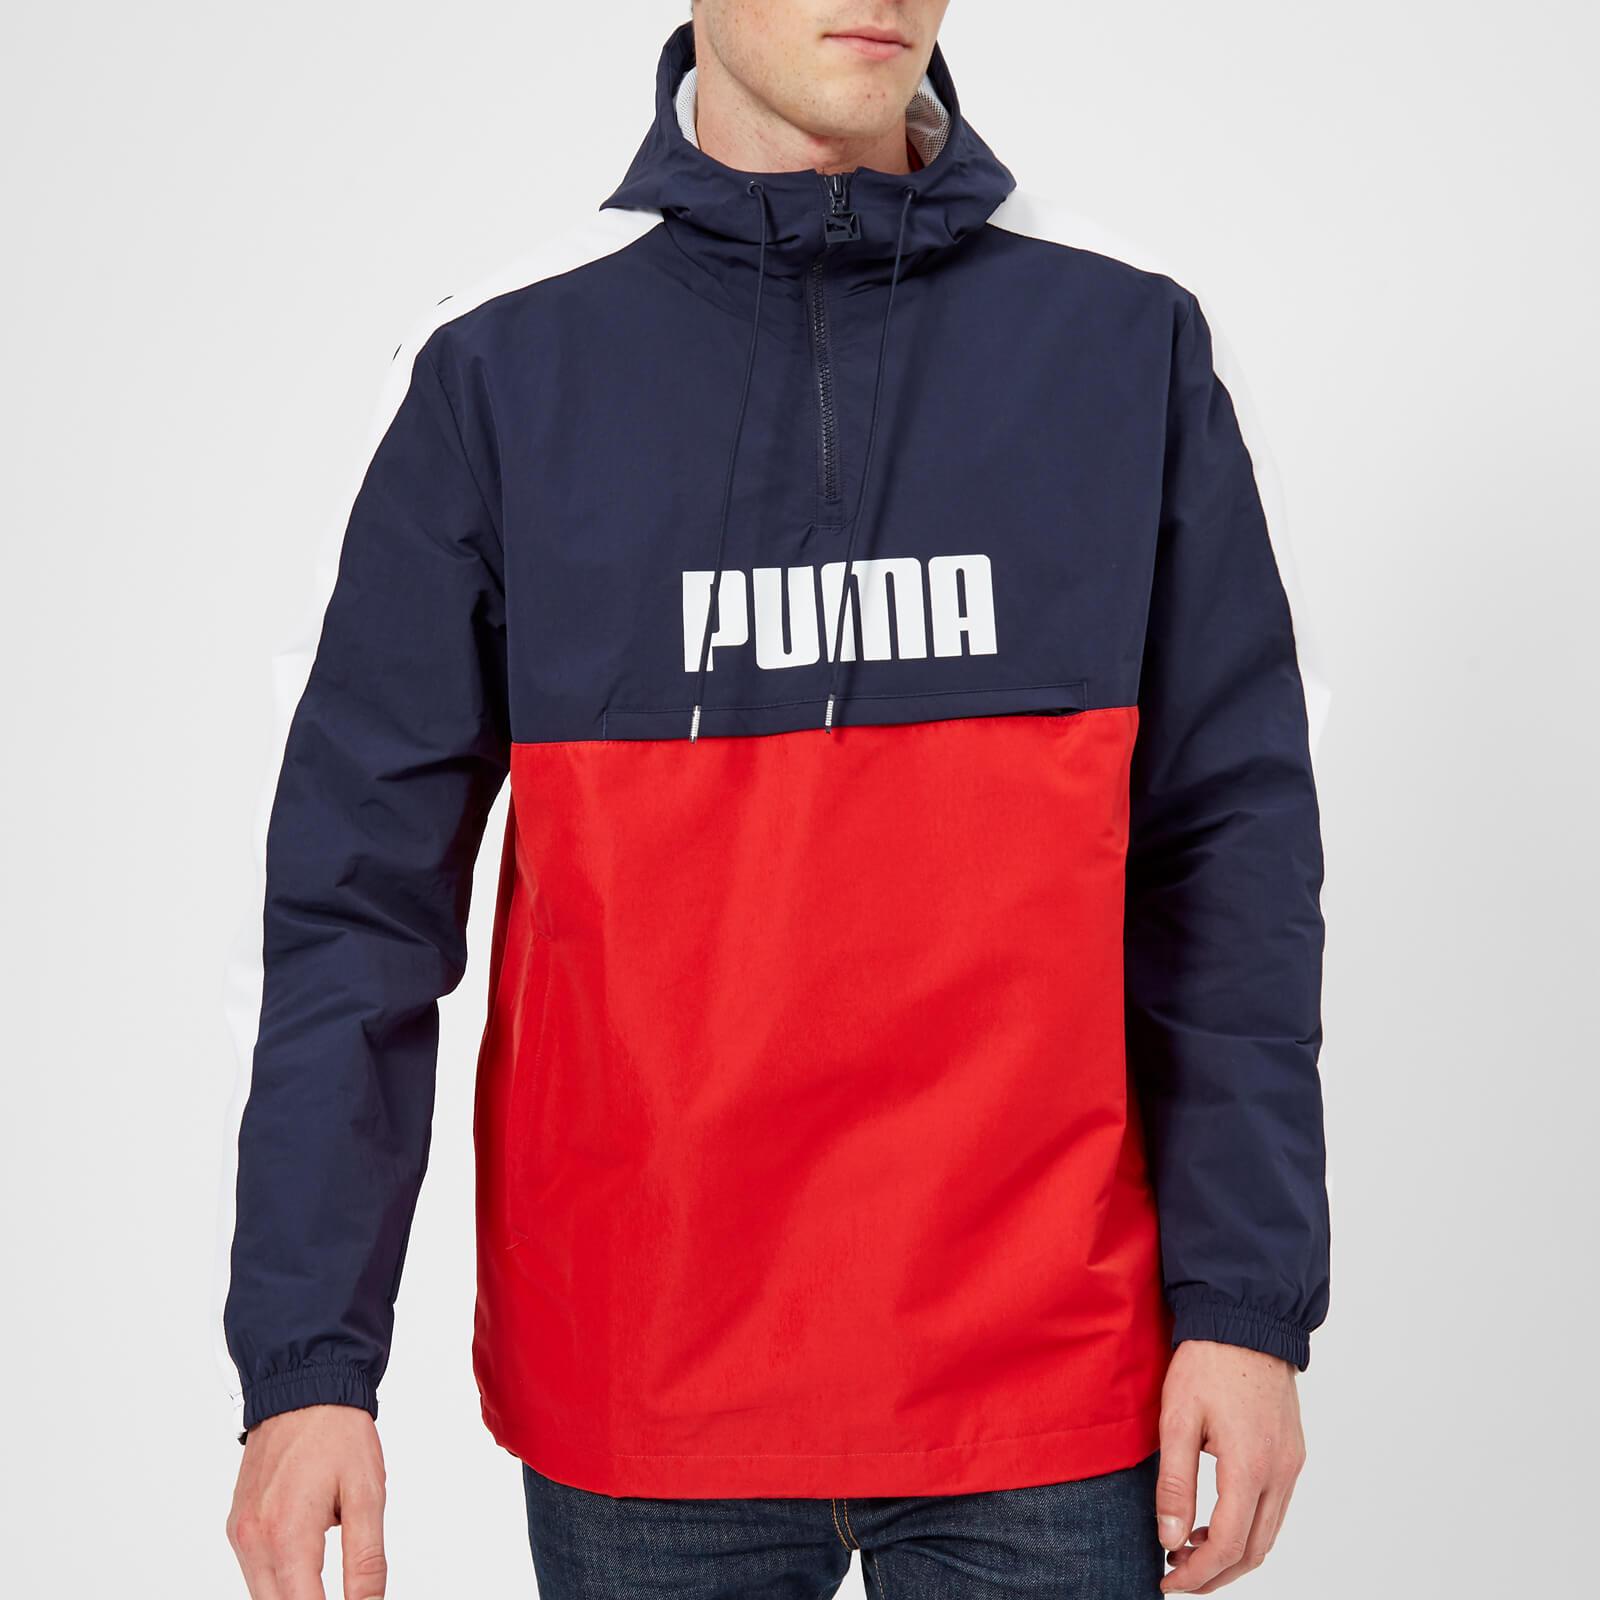 bd6a4c300 Puma Men's Retro Half Zip Windbreaker Jacket - Peacoat Clothing | TheHut.com